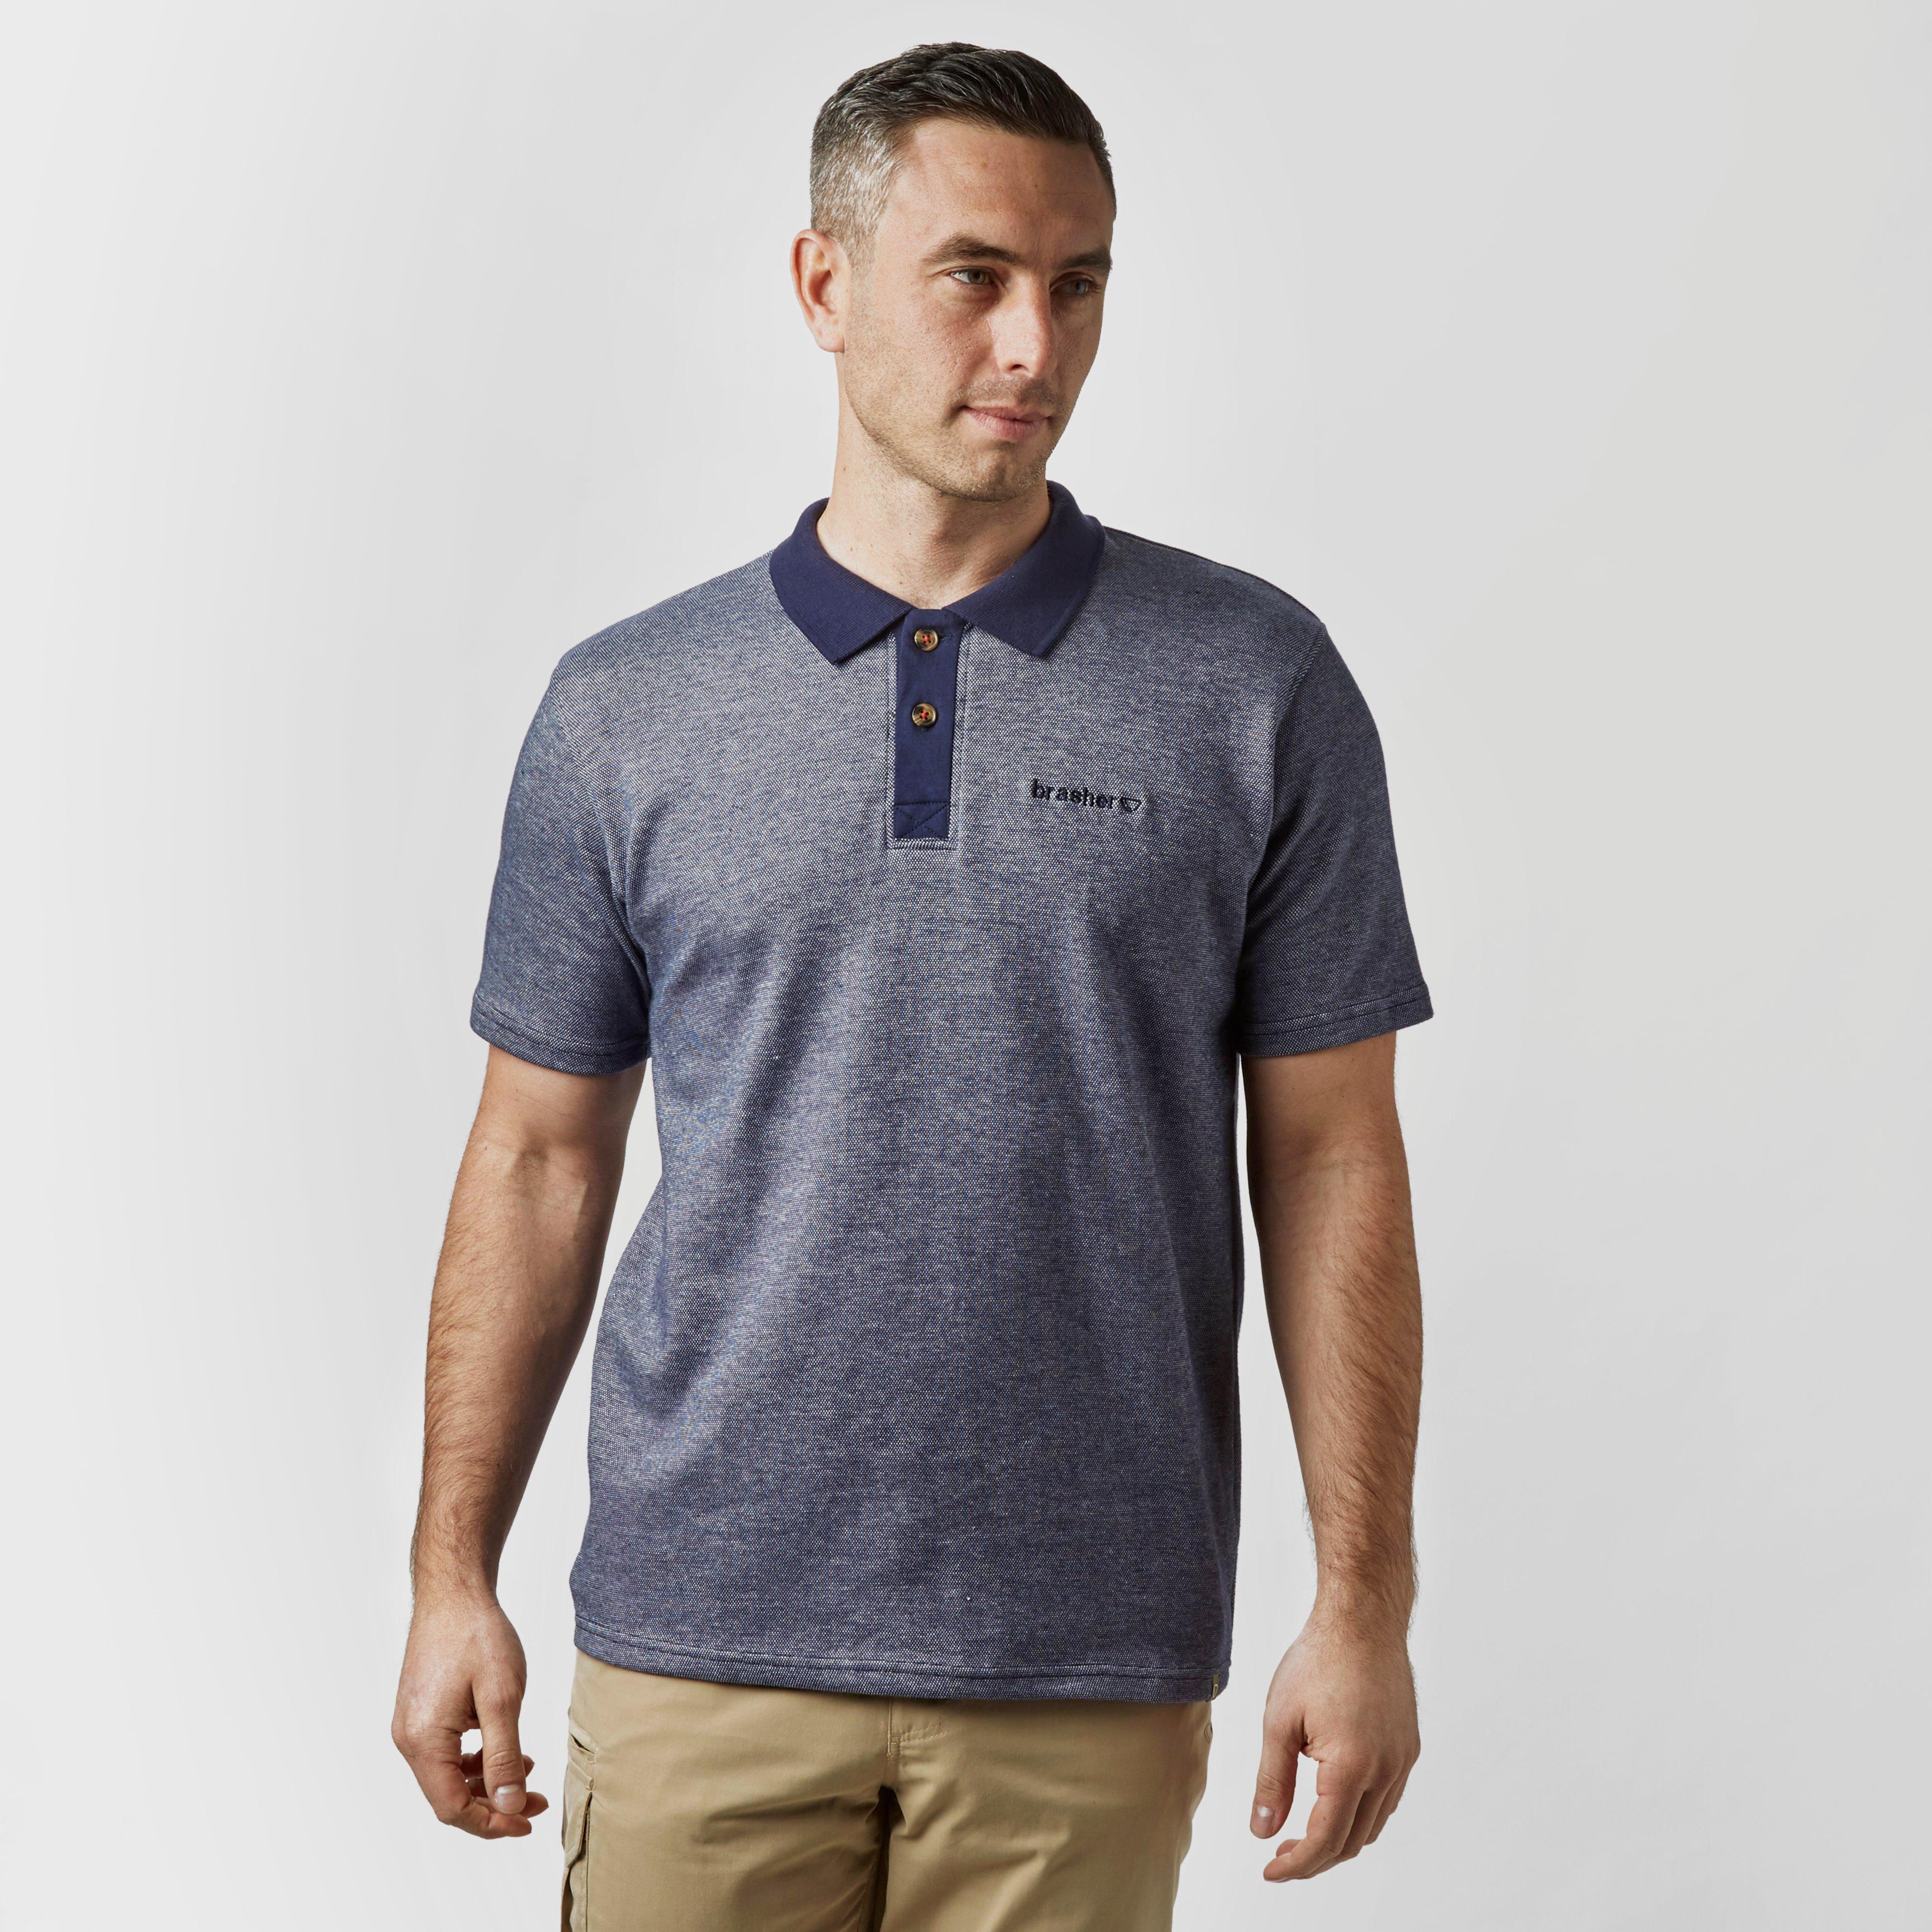 Brasher Mens Robinson Stripe Polo Shirt - Navy/nvy  Navy/nvy